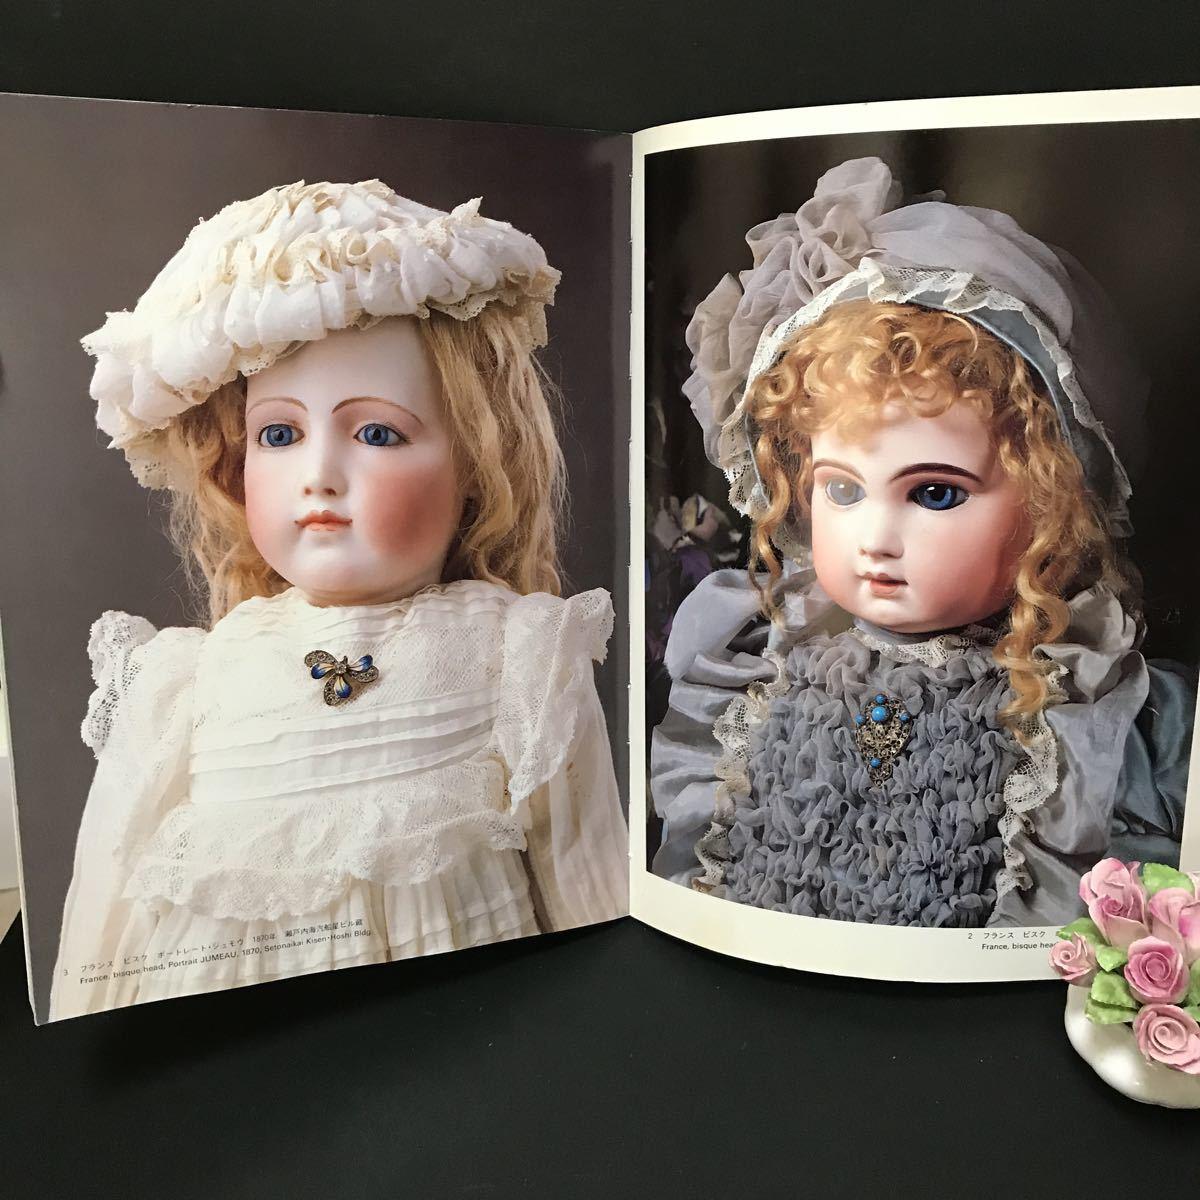 ビスクドール 書籍 人形 昭和61年発行 美品_画像3